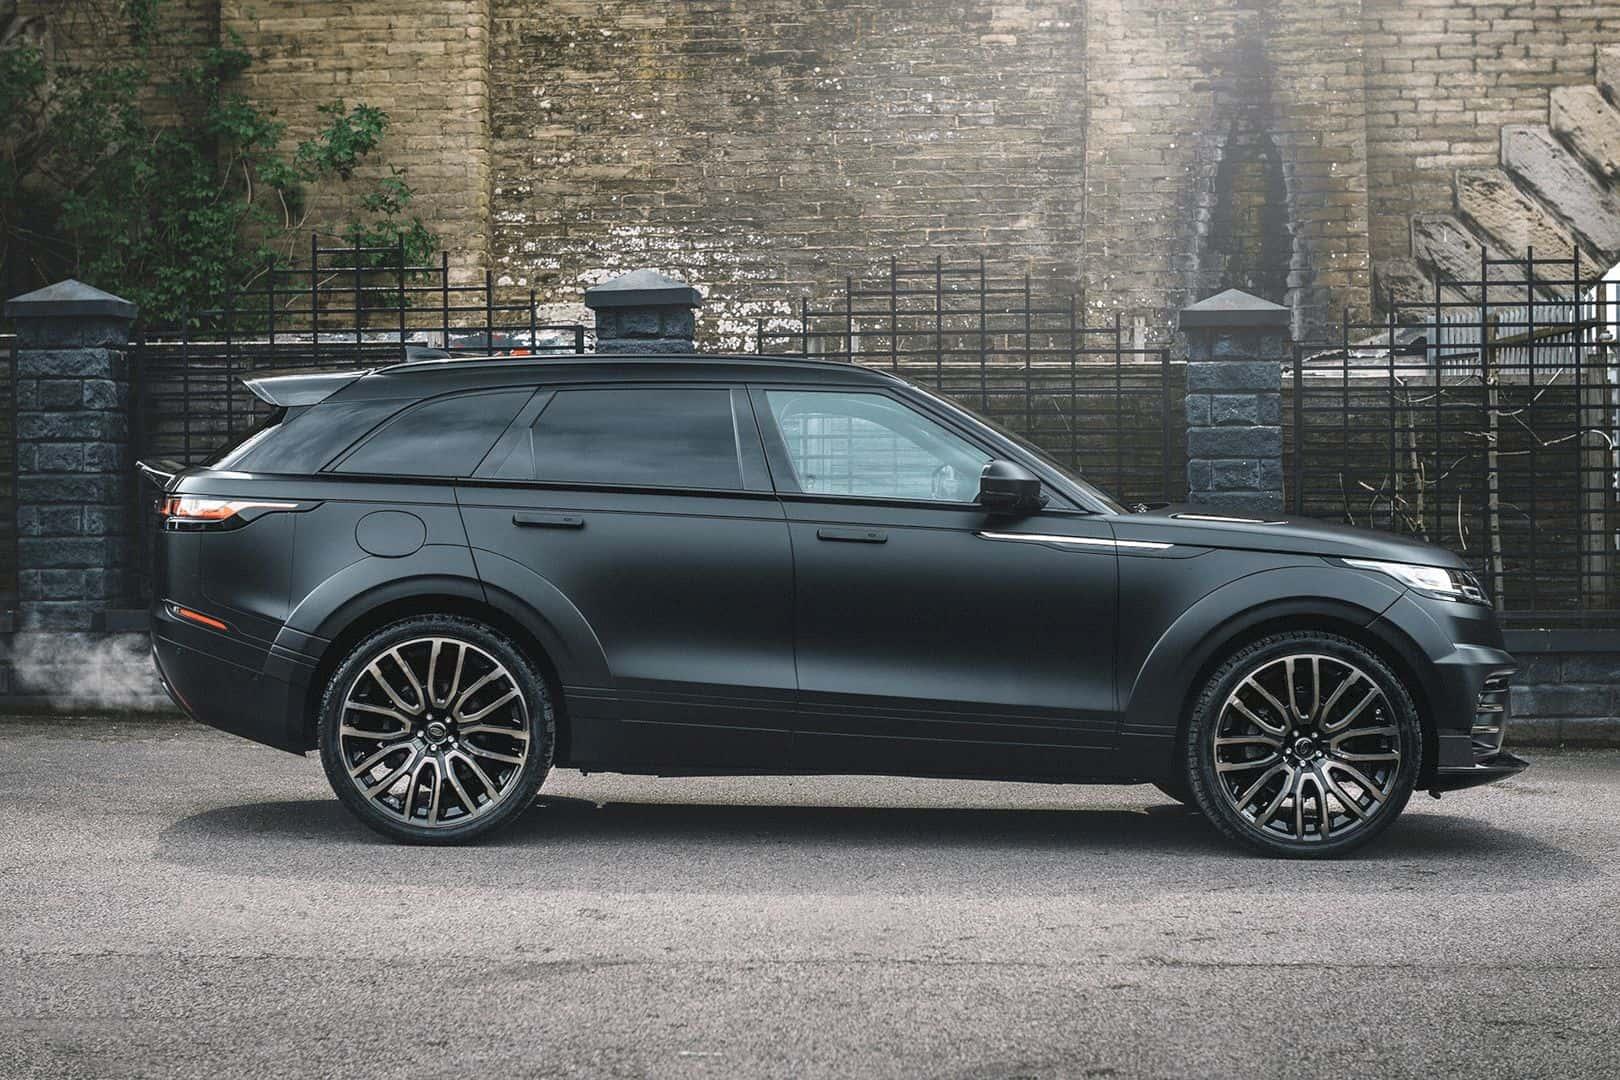 Land Rover Range Rover Velar9